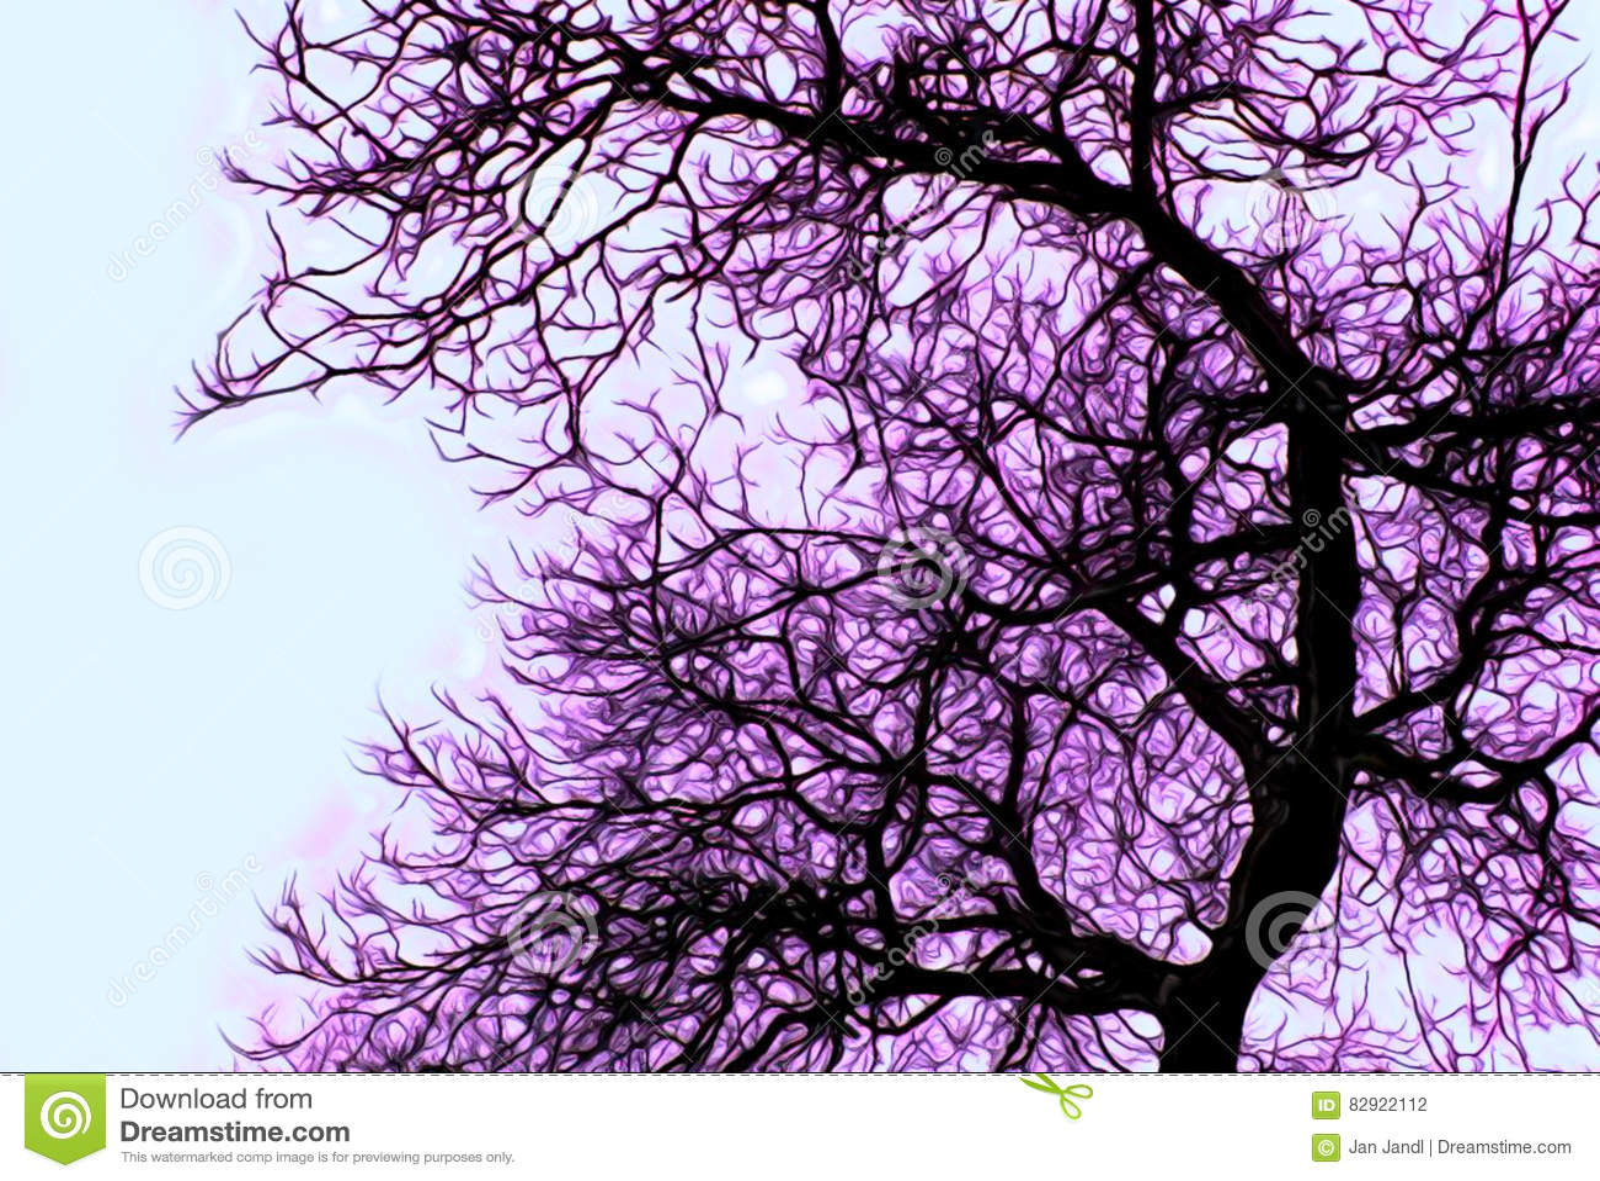 所有所有要素例证各自的对象称范围雪对结构树向量